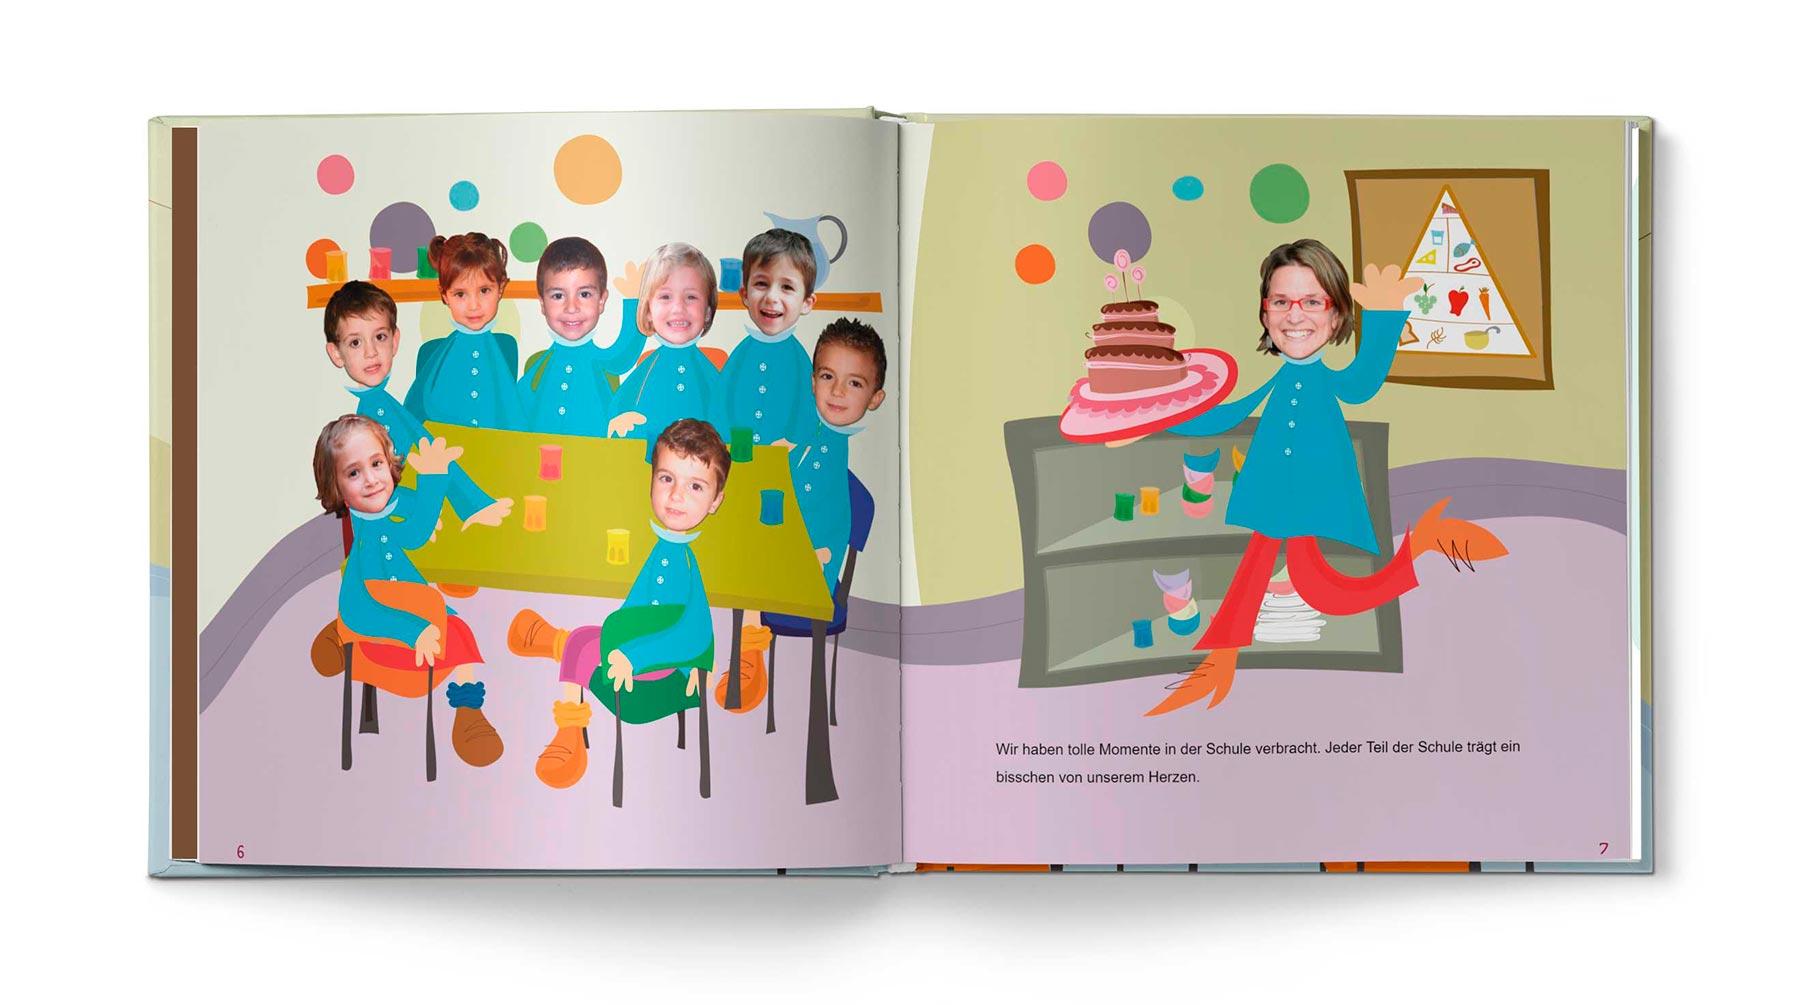 Geschichte Das Schulbuch - Bild 3